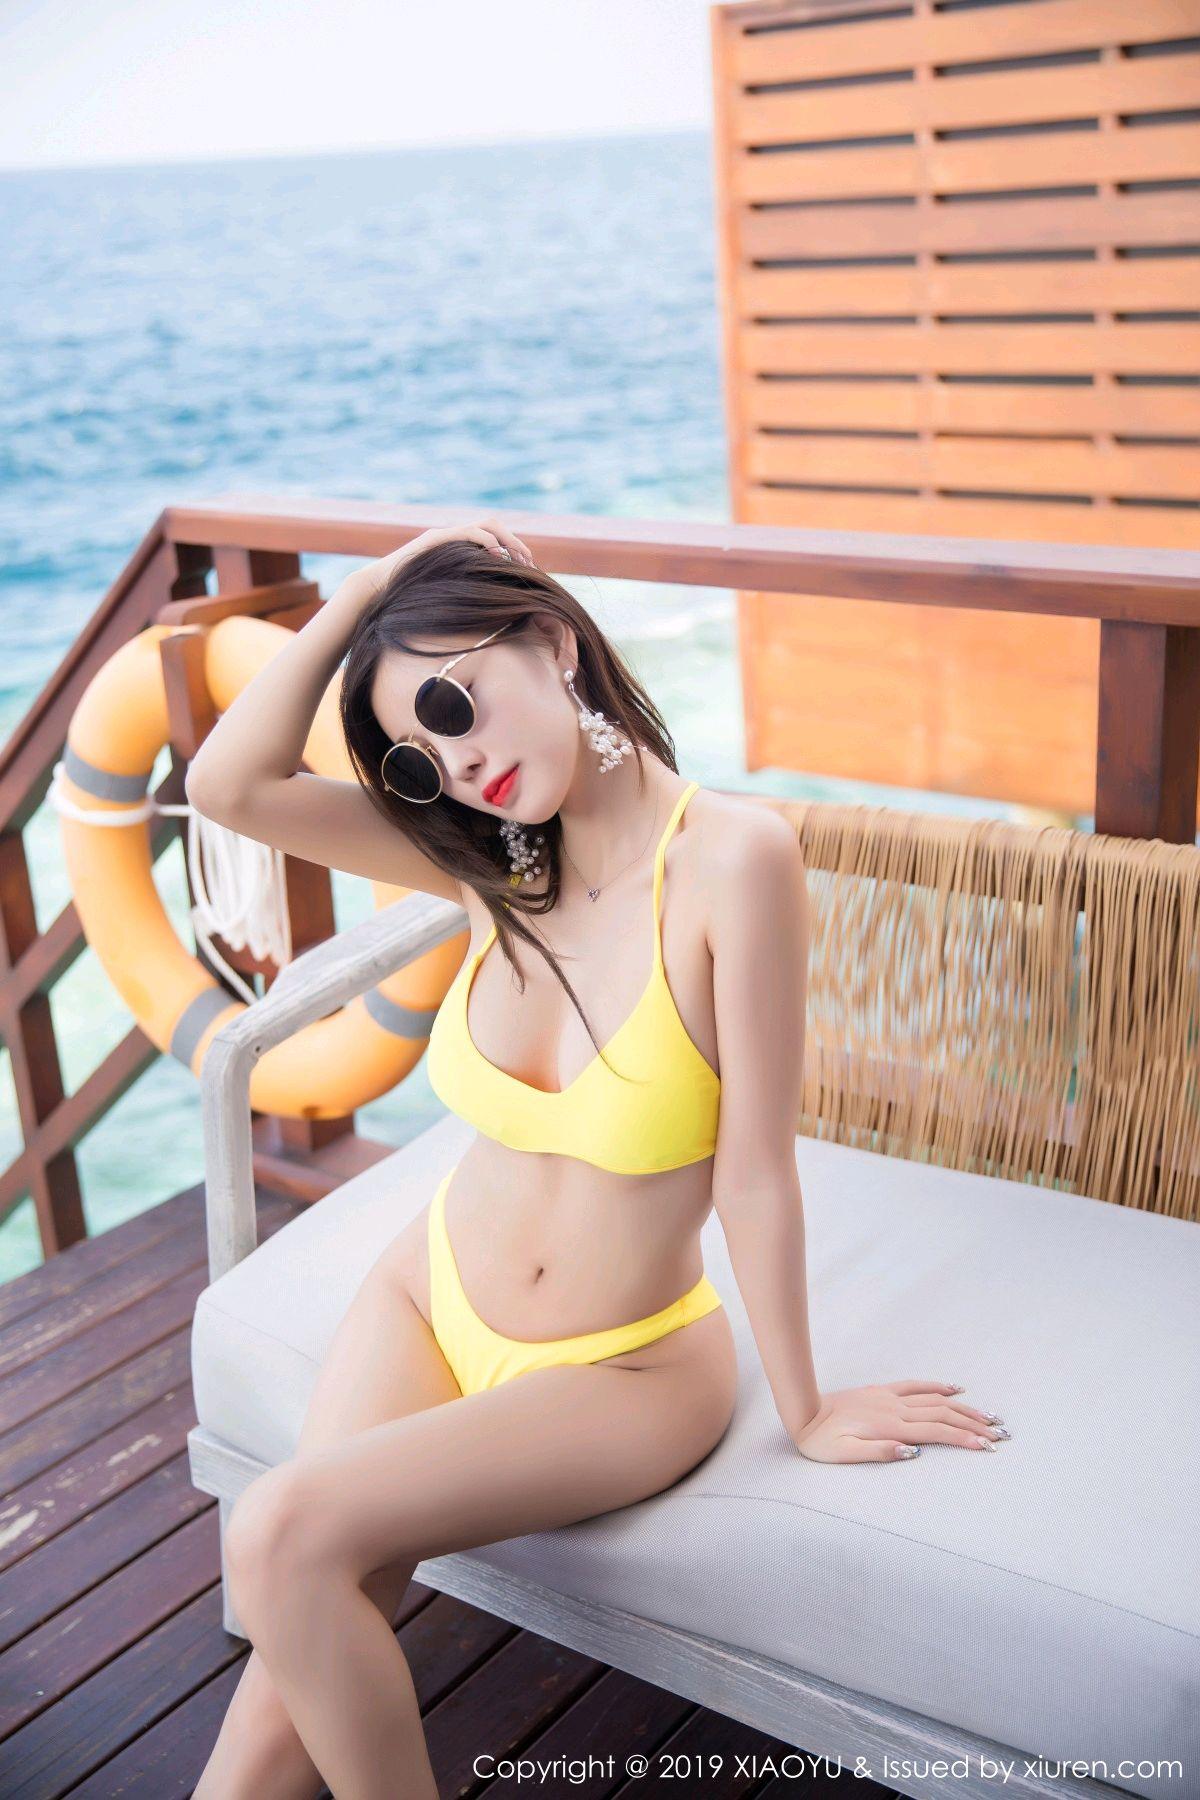 [XiaoYu] Vol.072 sugar 19P, Bikini, Swim Pool, XiaoYu, Yang Chen Chen